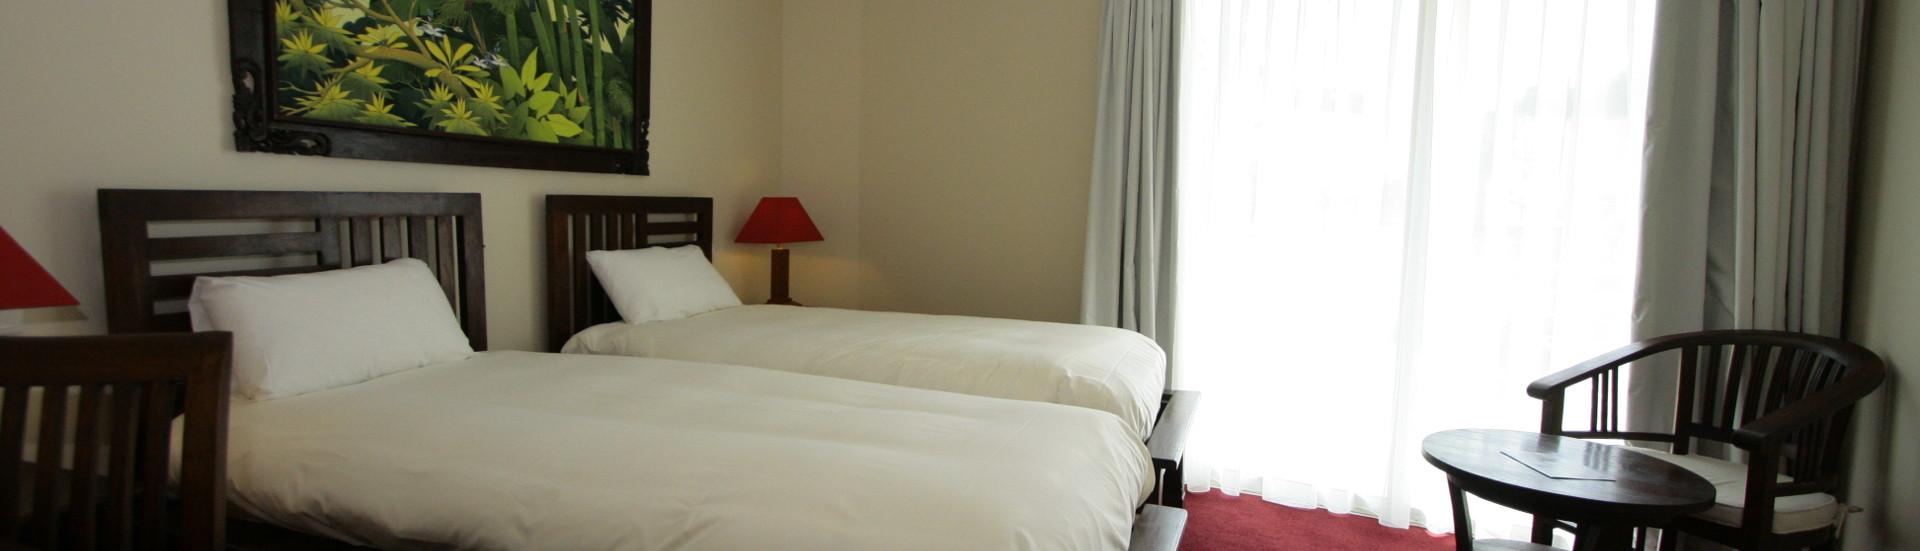 Chambre confort familiale